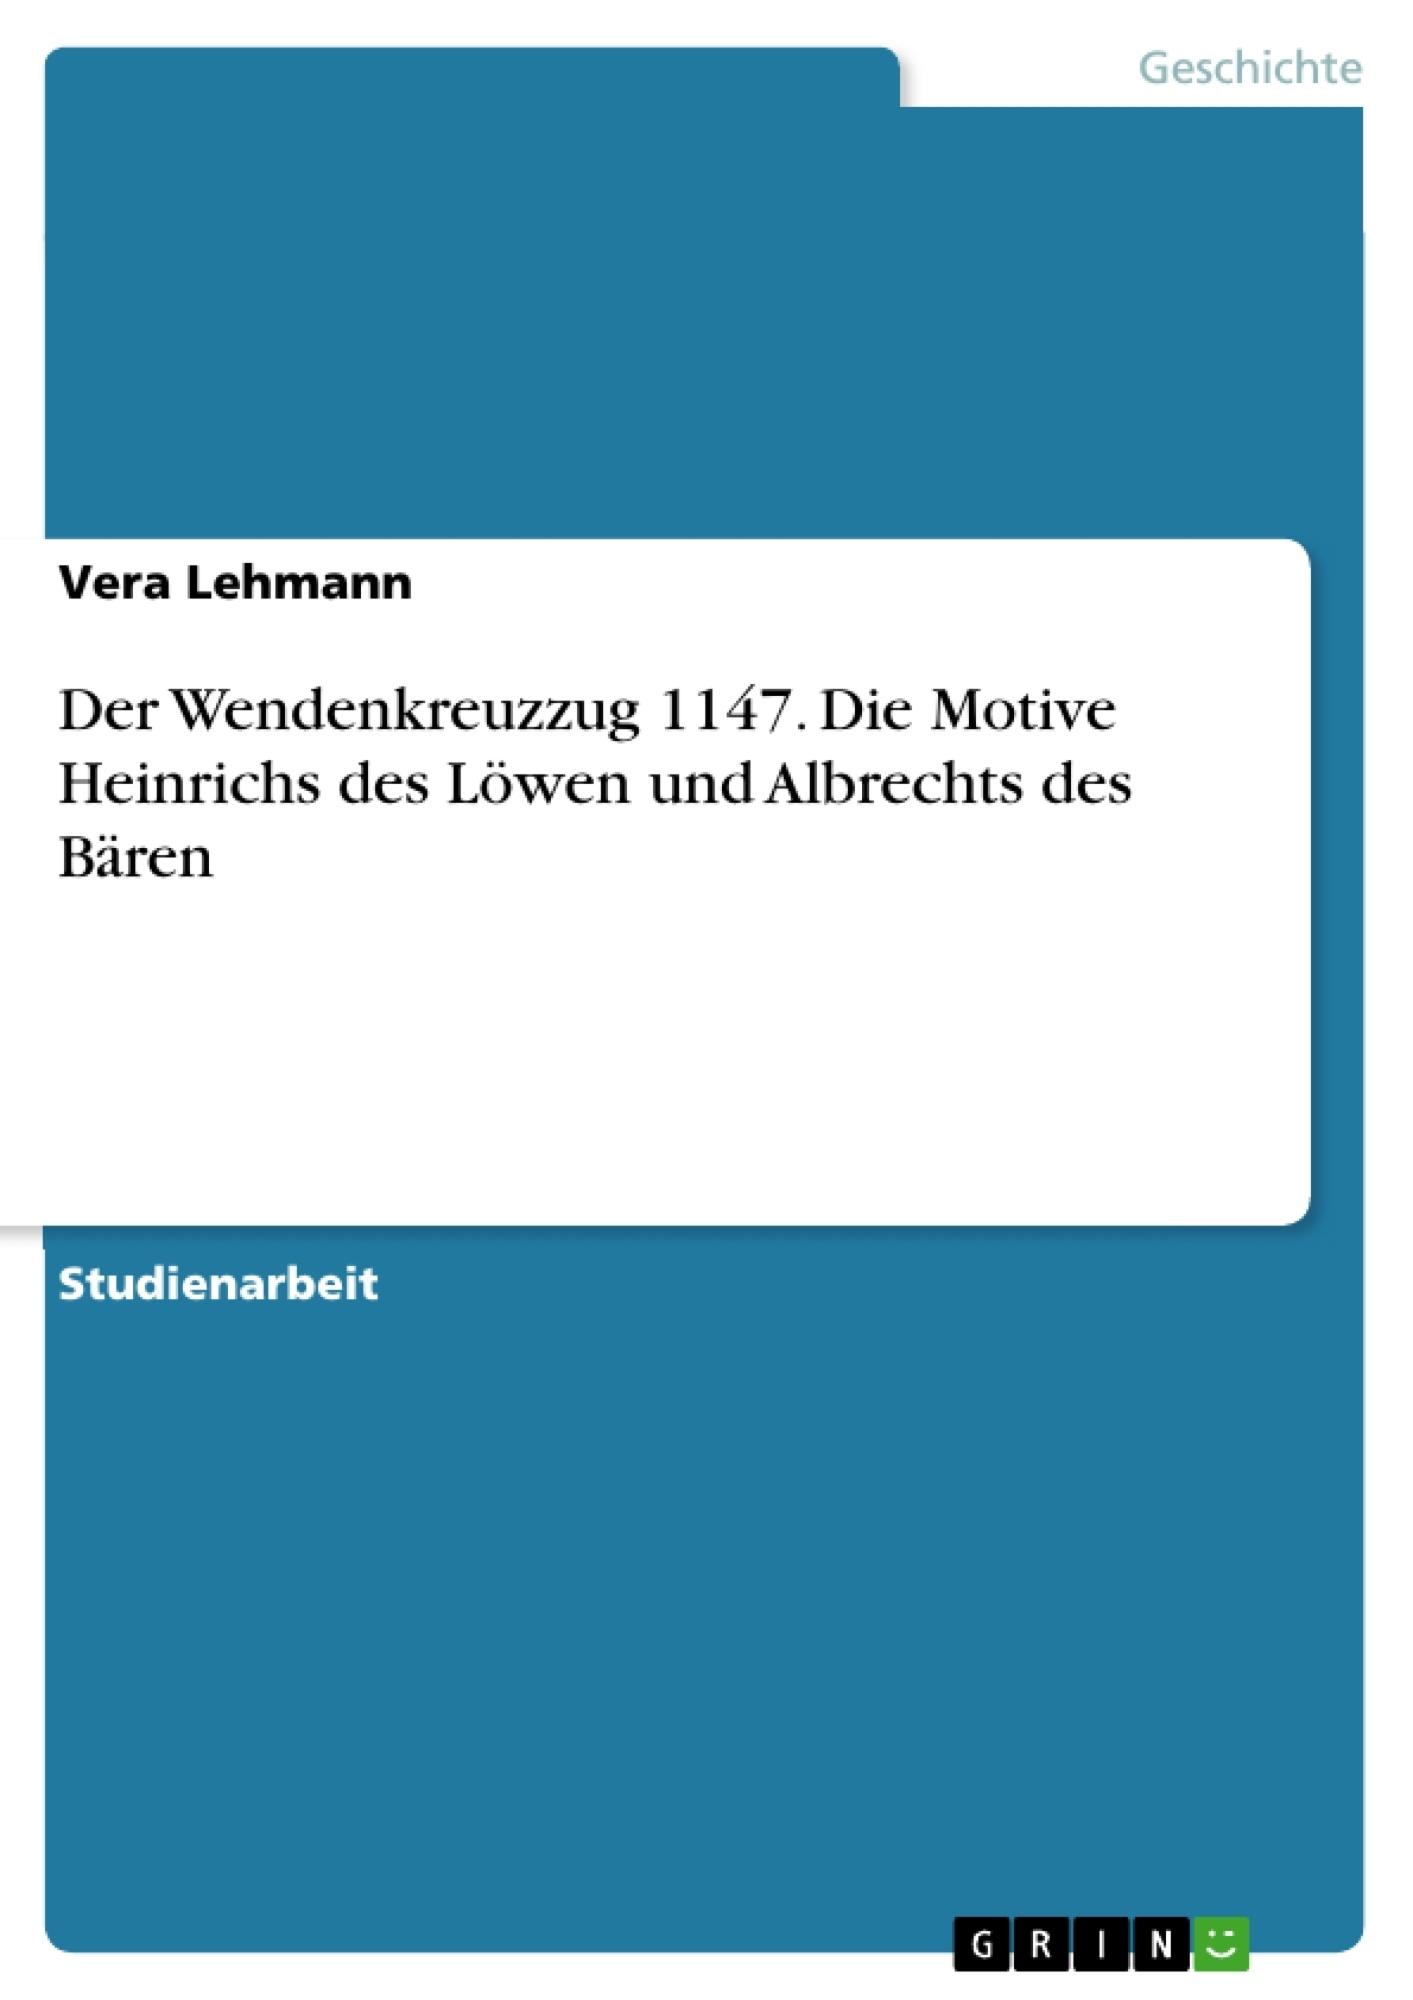 Titel: Der Wendenkreuzzug 1147. Die Motive Heinrichs des Löwen und Albrechts des Bären